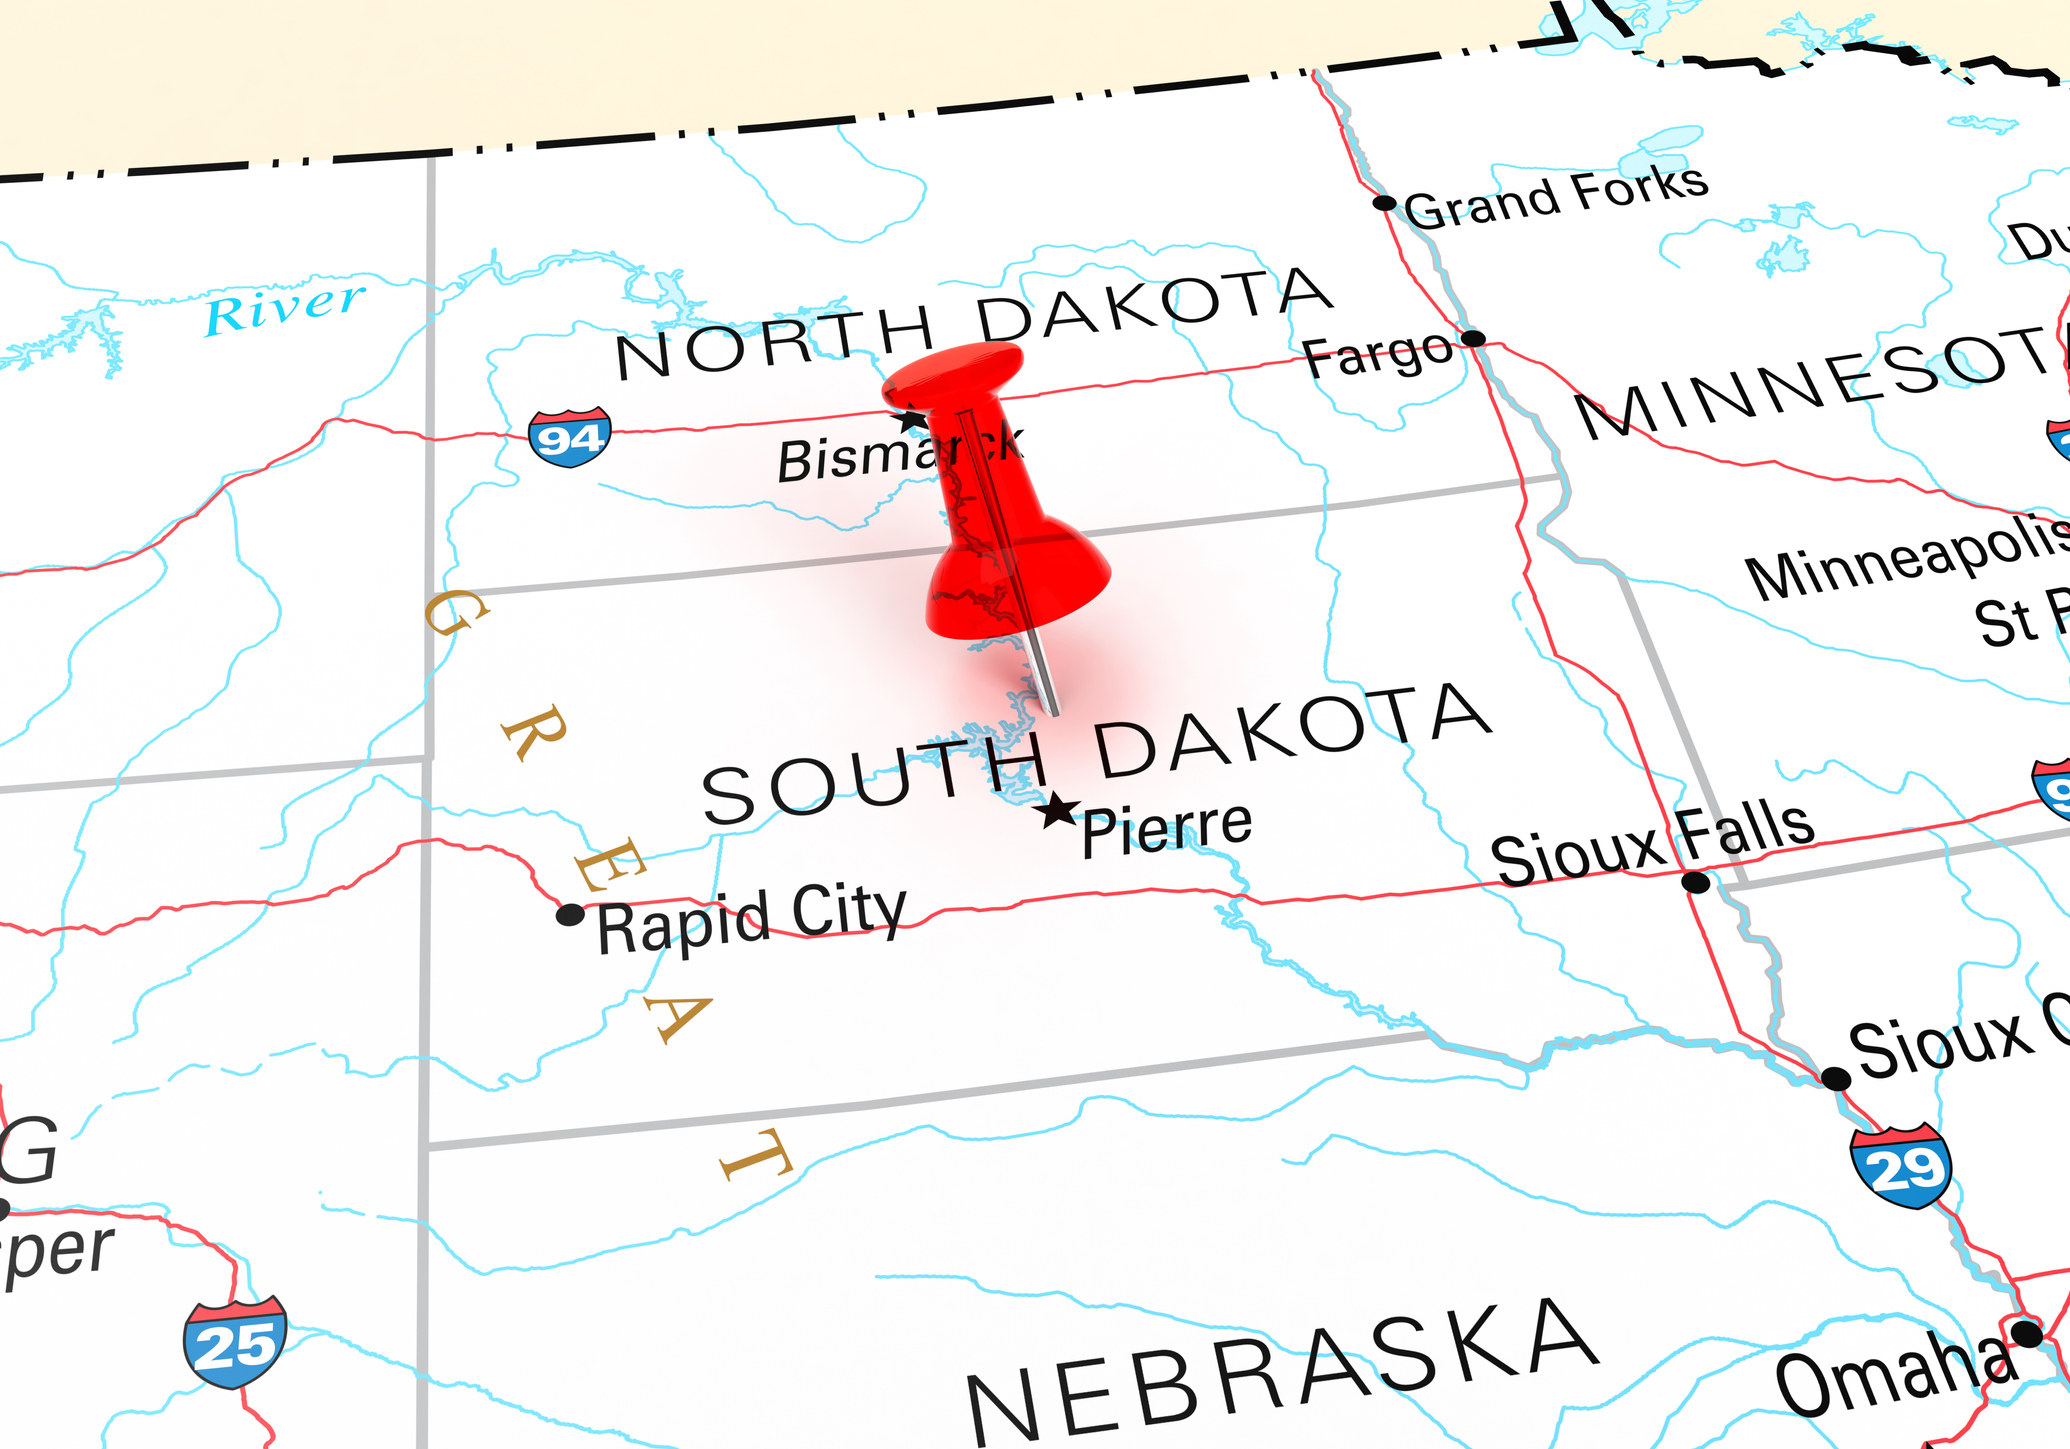 A map of the Dakotas